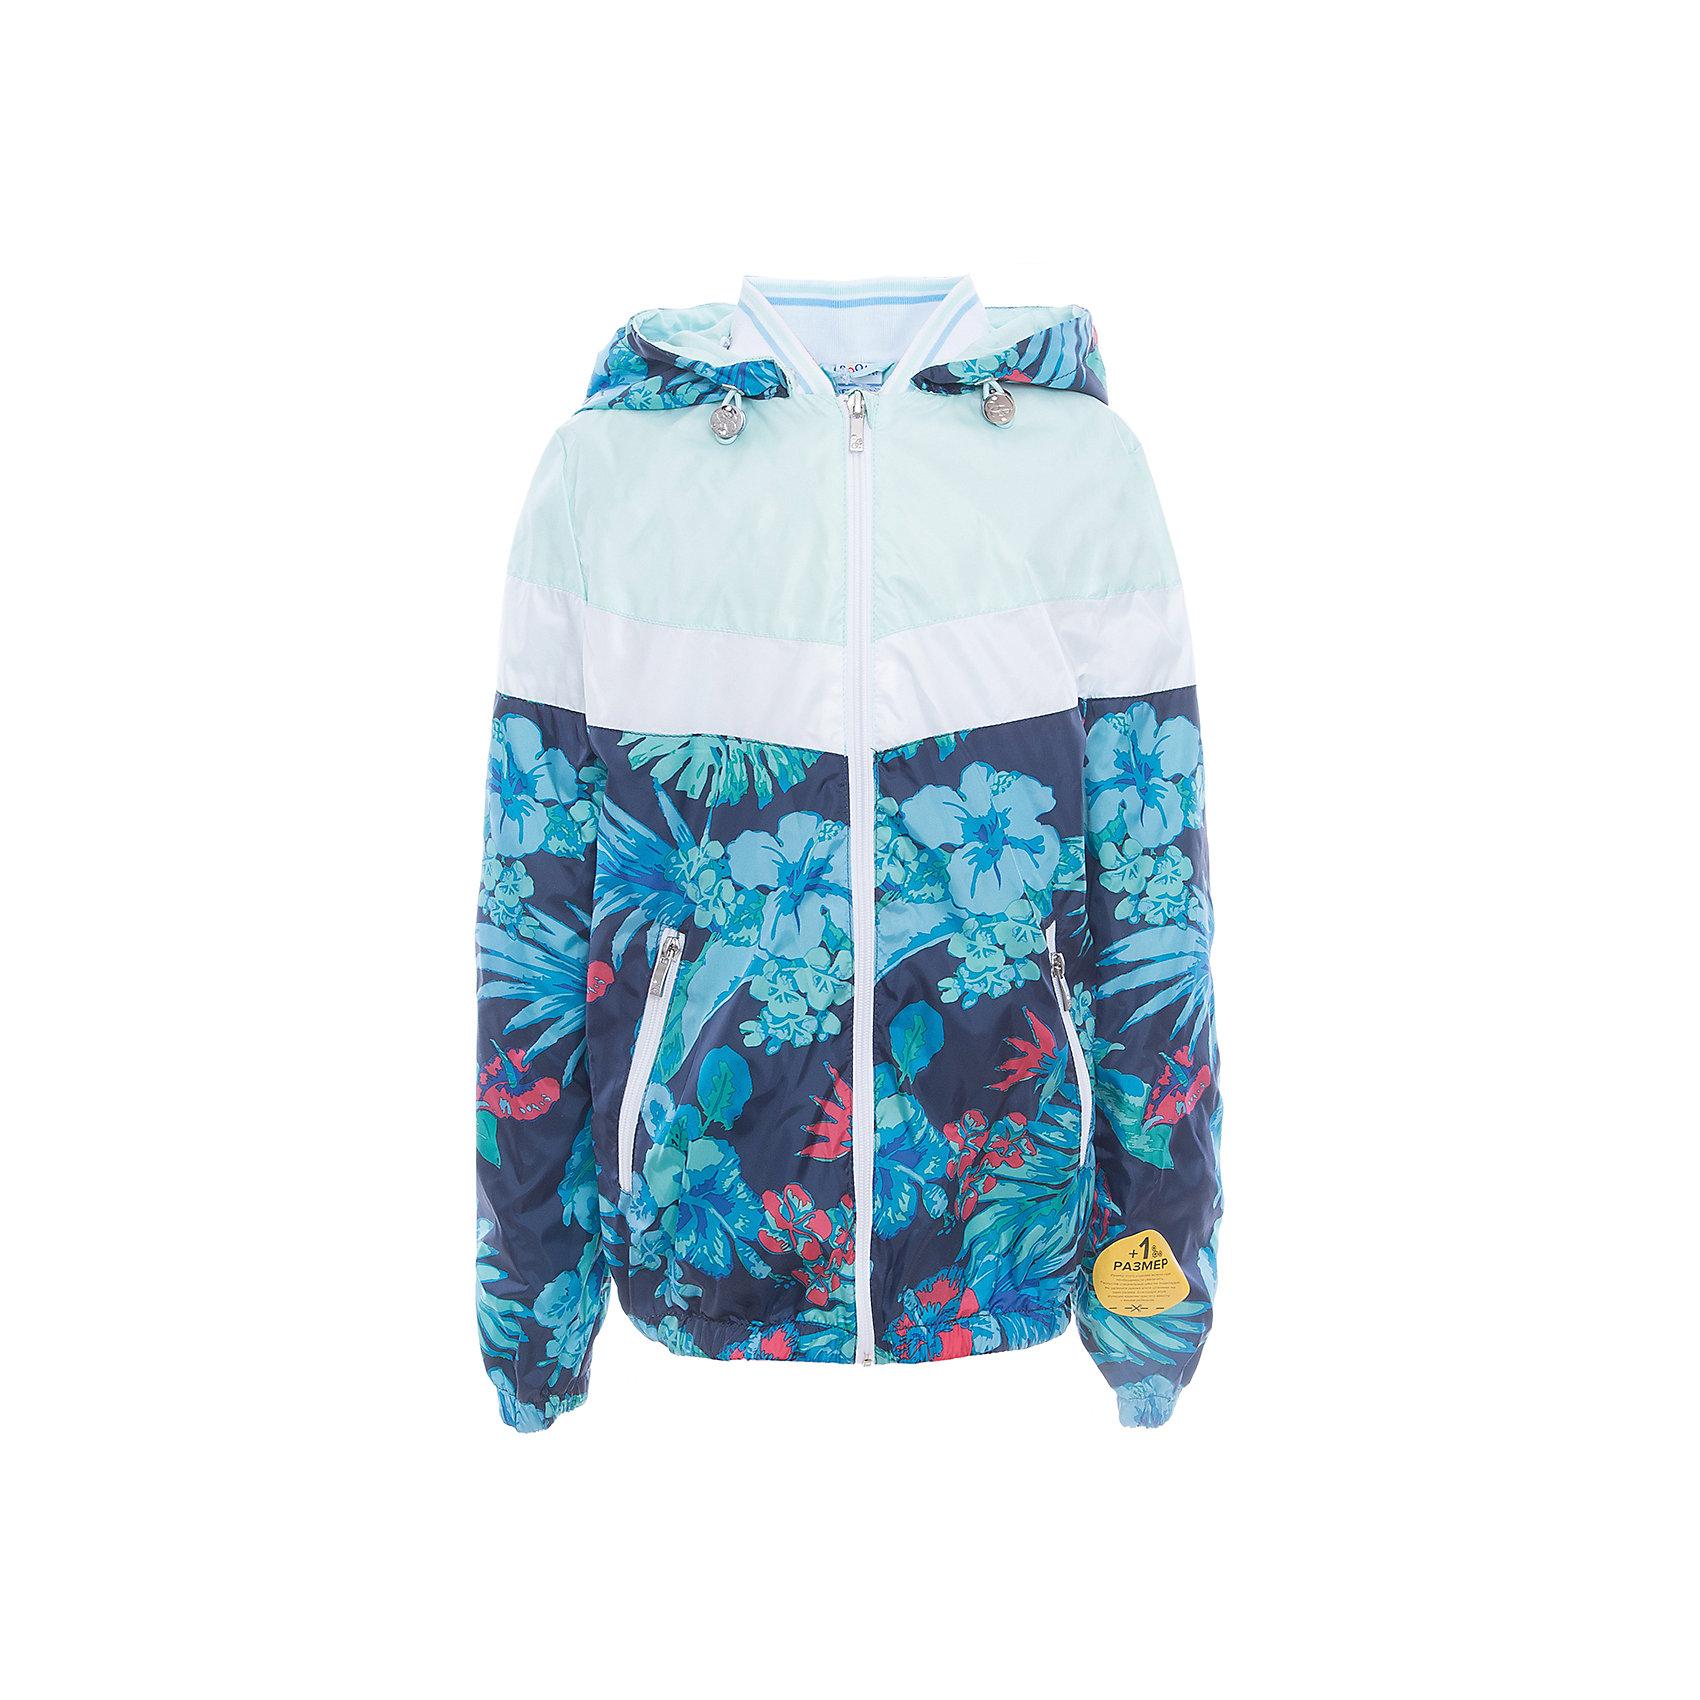 Куртка для девочки BOOM by OrbyВерхняя одежда<br>Характеристики товара:<br><br>• цвет: голубой принт<br>• состав: верх - таффета, подкладка - поликоттон, полиэстер, без утеплителя<br>• температурный режим: от 0 до +15°С<br>• карманы<br>• застежка - молния<br>• капюшон с утяжкой<br>• украшена принтом<br>• эластичные манжеты<br>• комфортная посадка<br>• страна производства: Российская Федерация<br>• страна бренда: Российская Федерация<br>• коллекция: весна-лето 2017<br><br>Легкая куртка - универсальный вариант и для прохладного летнего вечера, и для теплого межсезонья. Эта модель - модная и удобная одновременно! Изделие отличается стильным ярким дизайном. Куртка хорошо сидит по фигуре, отлично сочетается с различным низом. Вещь была разработана специально для детей.<br><br>Куртку для девочки от бренда BOOM by Orby можно купить в нашем интернет-магазине.<br><br>Ширина мм: 356<br>Глубина мм: 10<br>Высота мм: 245<br>Вес г: 519<br>Цвет: синий<br>Возраст от месяцев: 144<br>Возраст до месяцев: 156<br>Пол: Женский<br>Возраст: Детский<br>Размер: 158,116,110,122,128,134,140,146,152<br>SKU: 5343077